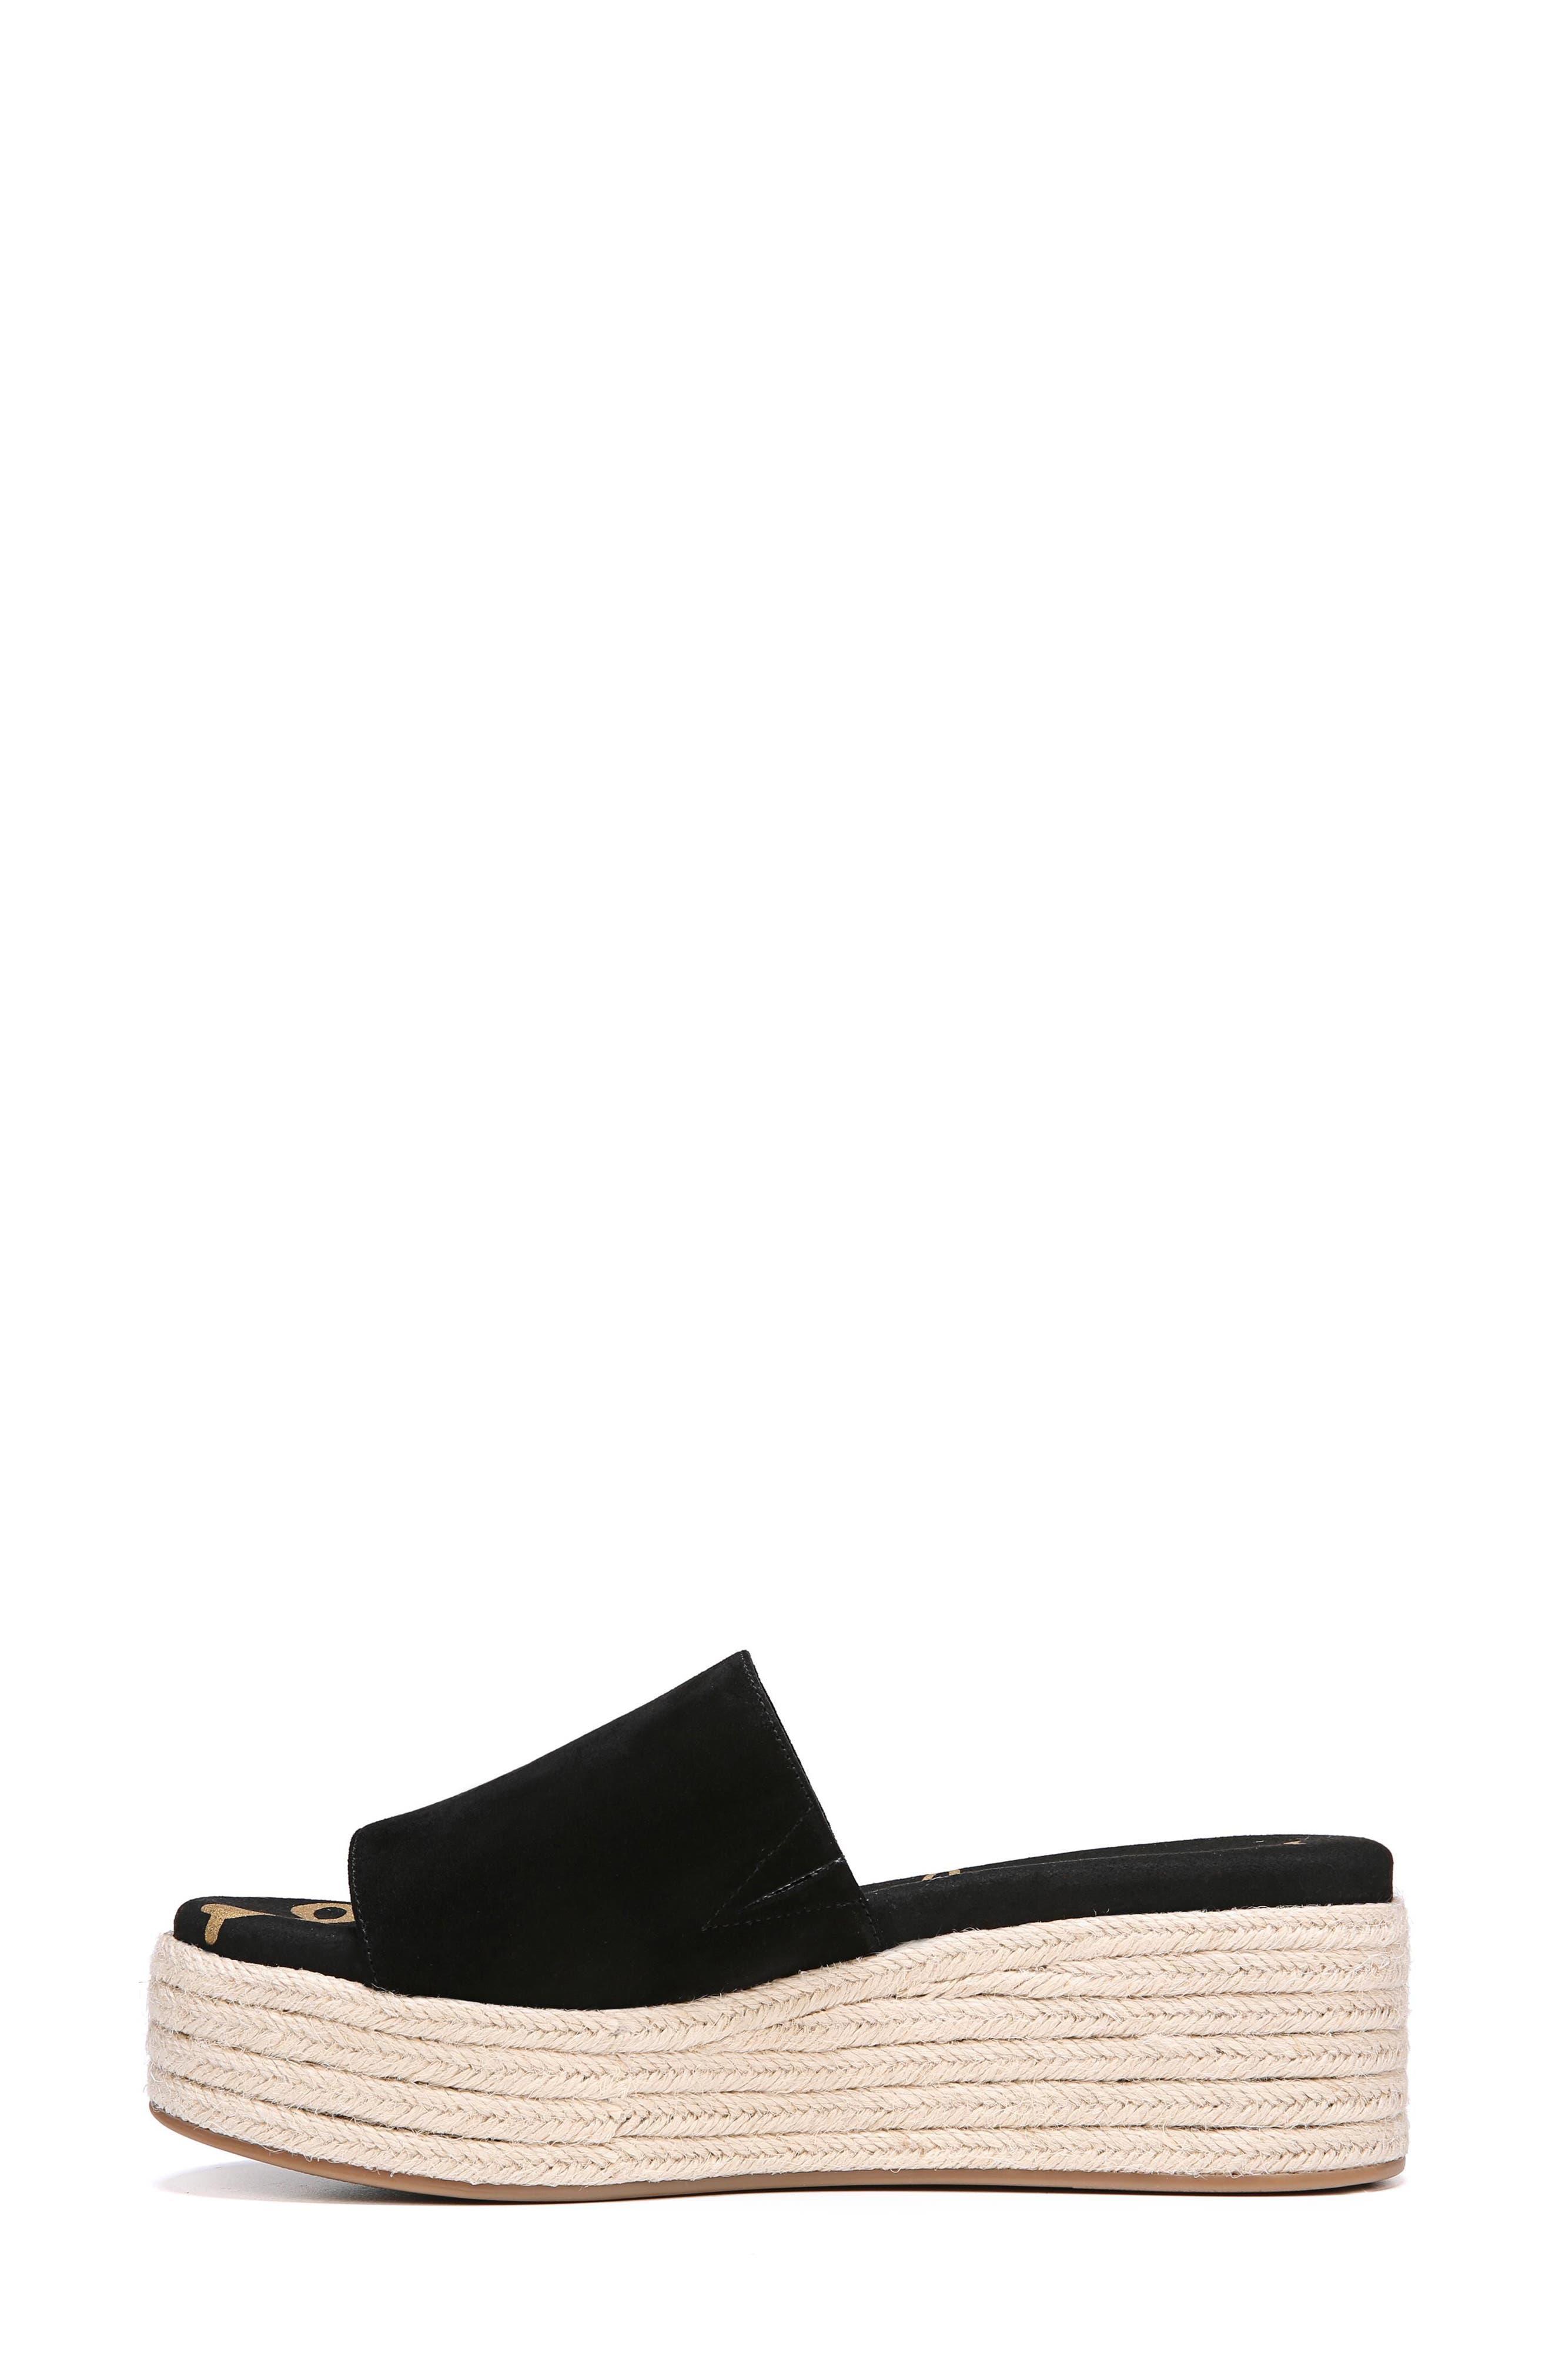 Weslee Platform Slide Sandal,                             Alternate thumbnail 3, color,                             BLACK SUEDE